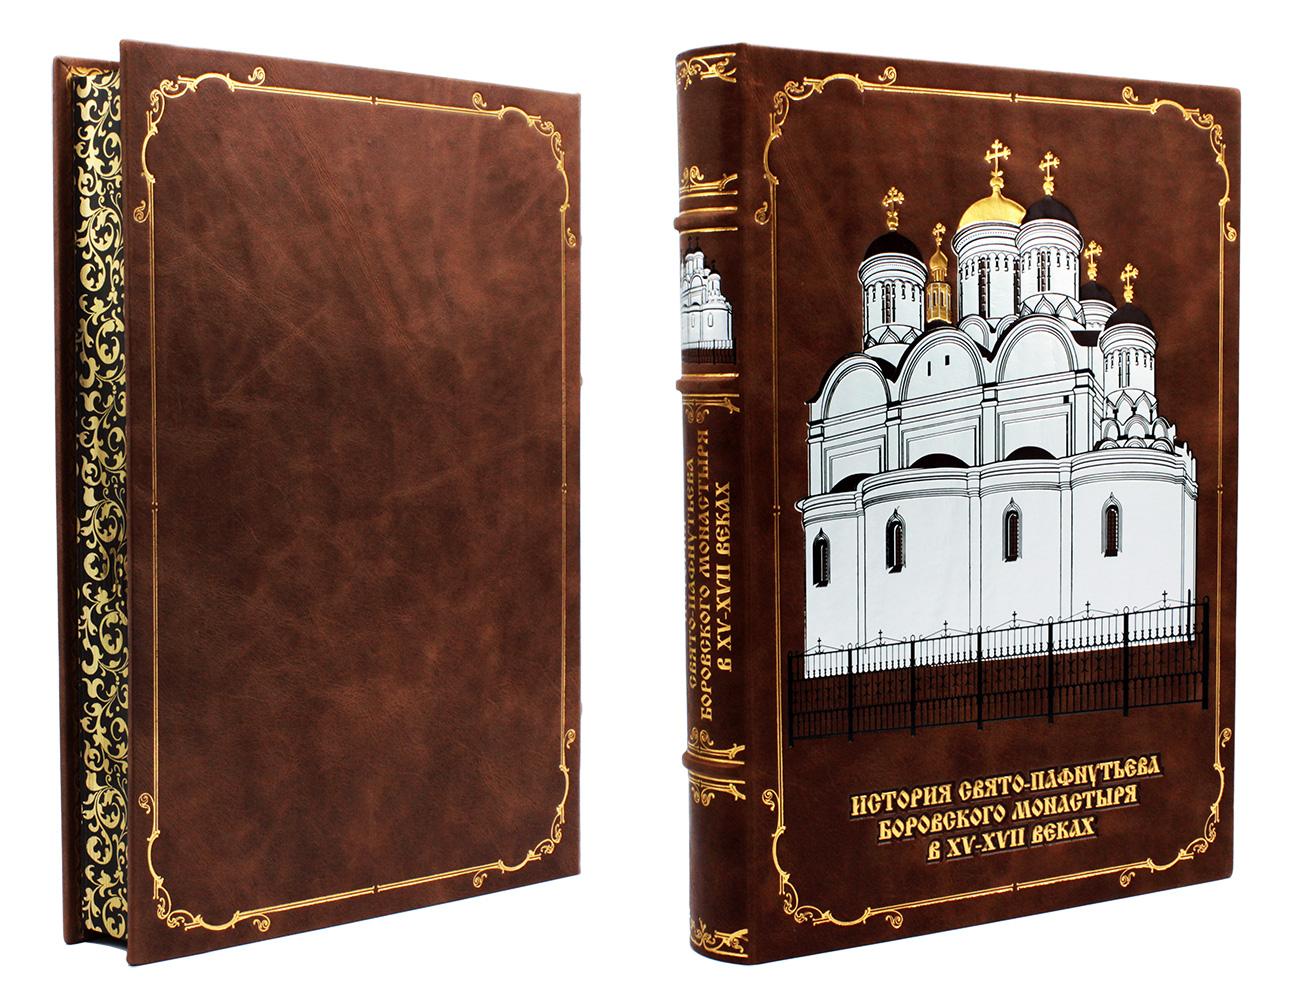 История Свято-Пафнутьева Боровского монастыря книга